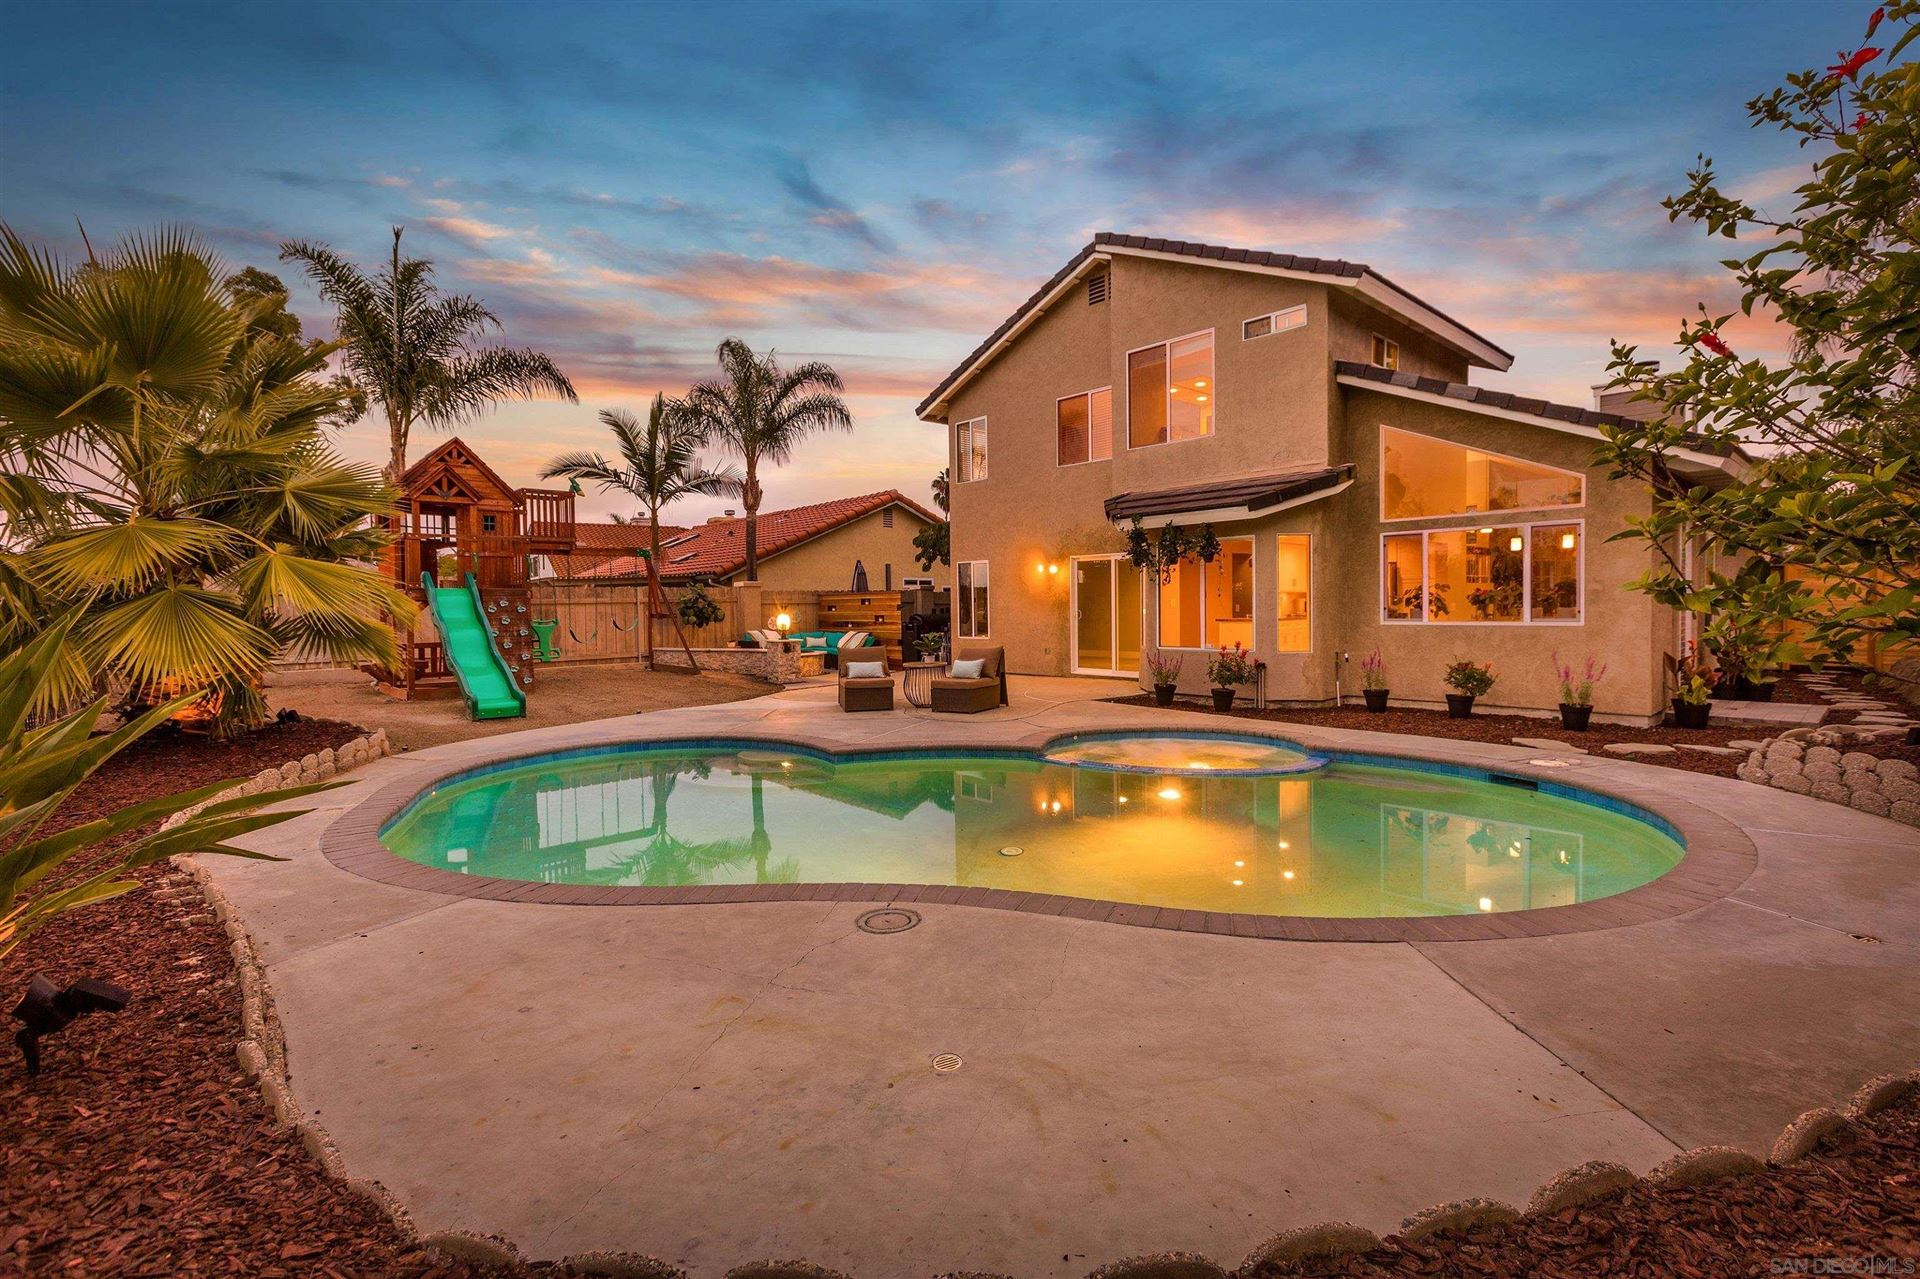 Photo of 5240 Sandalwood Pl, Oceanside, CA 92056 (MLS # 210029674)